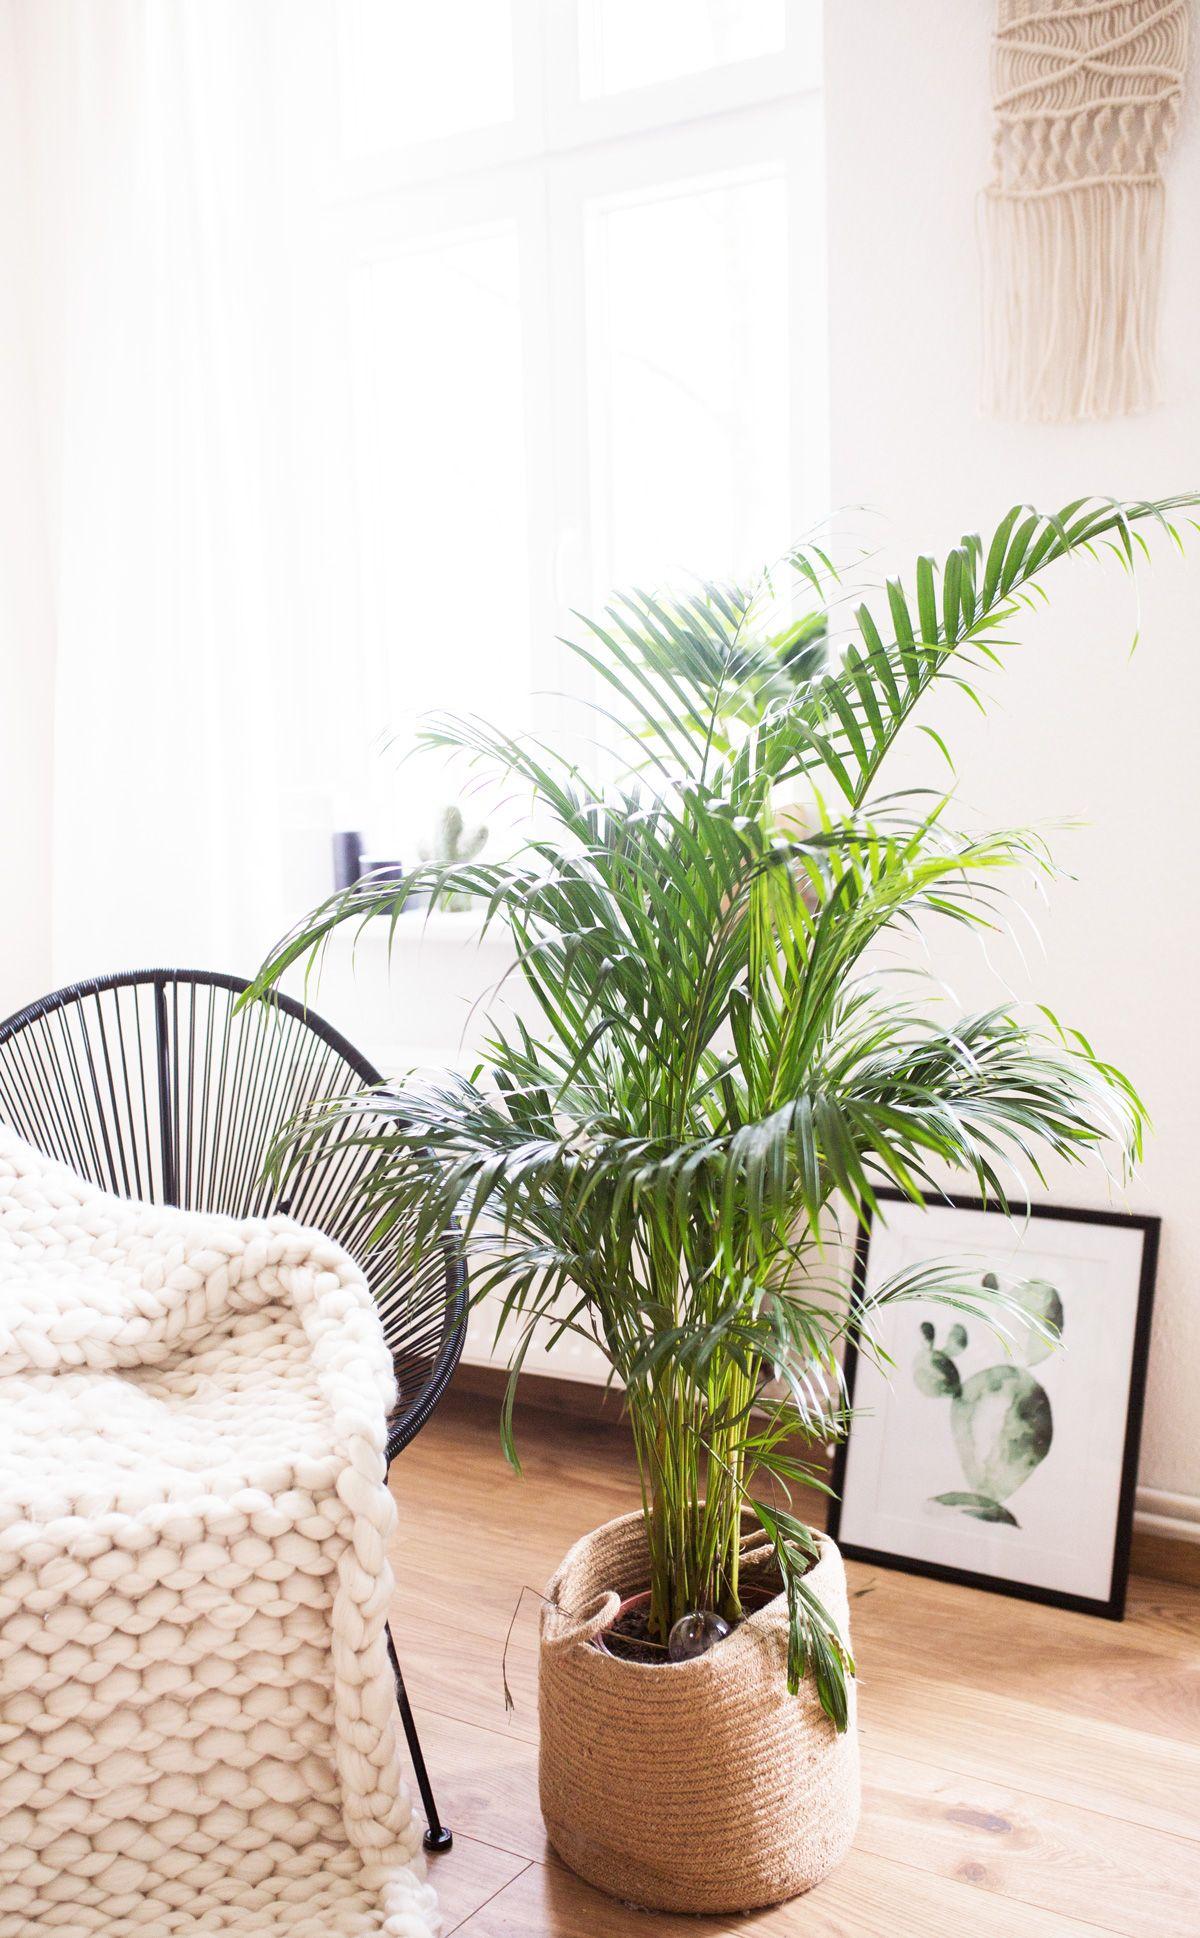 5 pflegeleichte zimmerpflanzen für euer zuhause | pflegeleichte, Gartengerate ideen